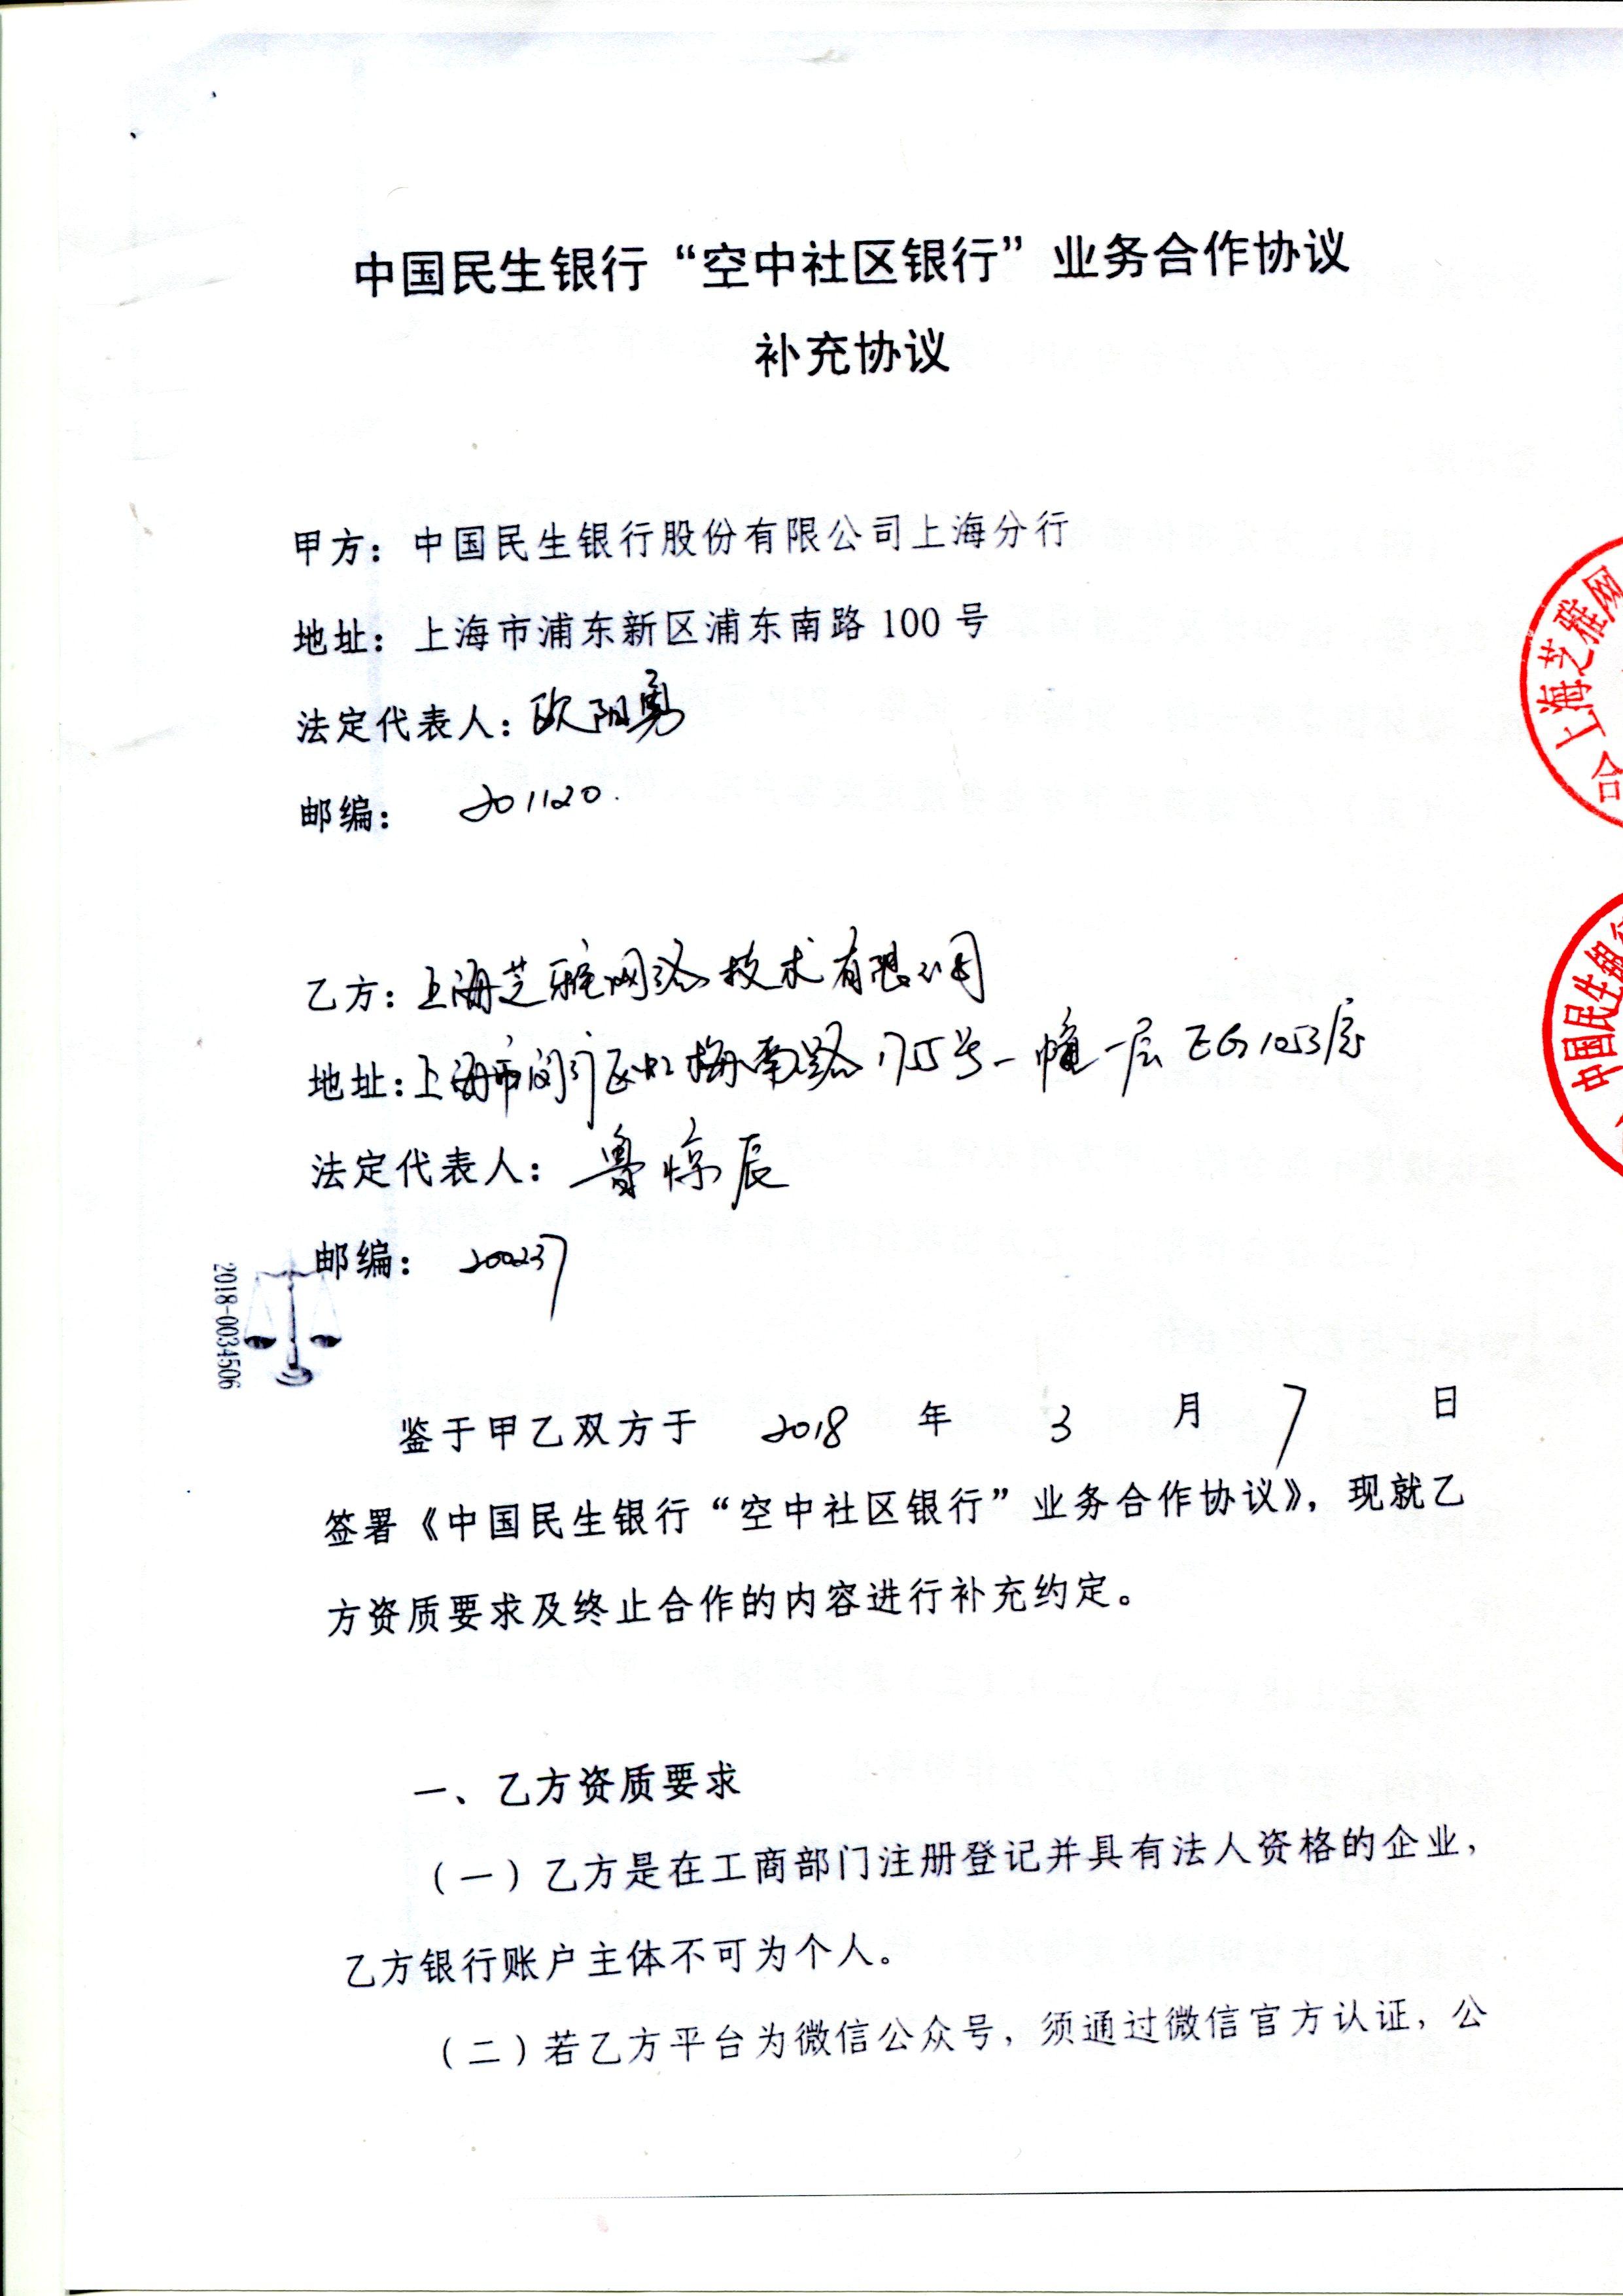 中国民生银行空中社区银行业务合作协议006.jpg